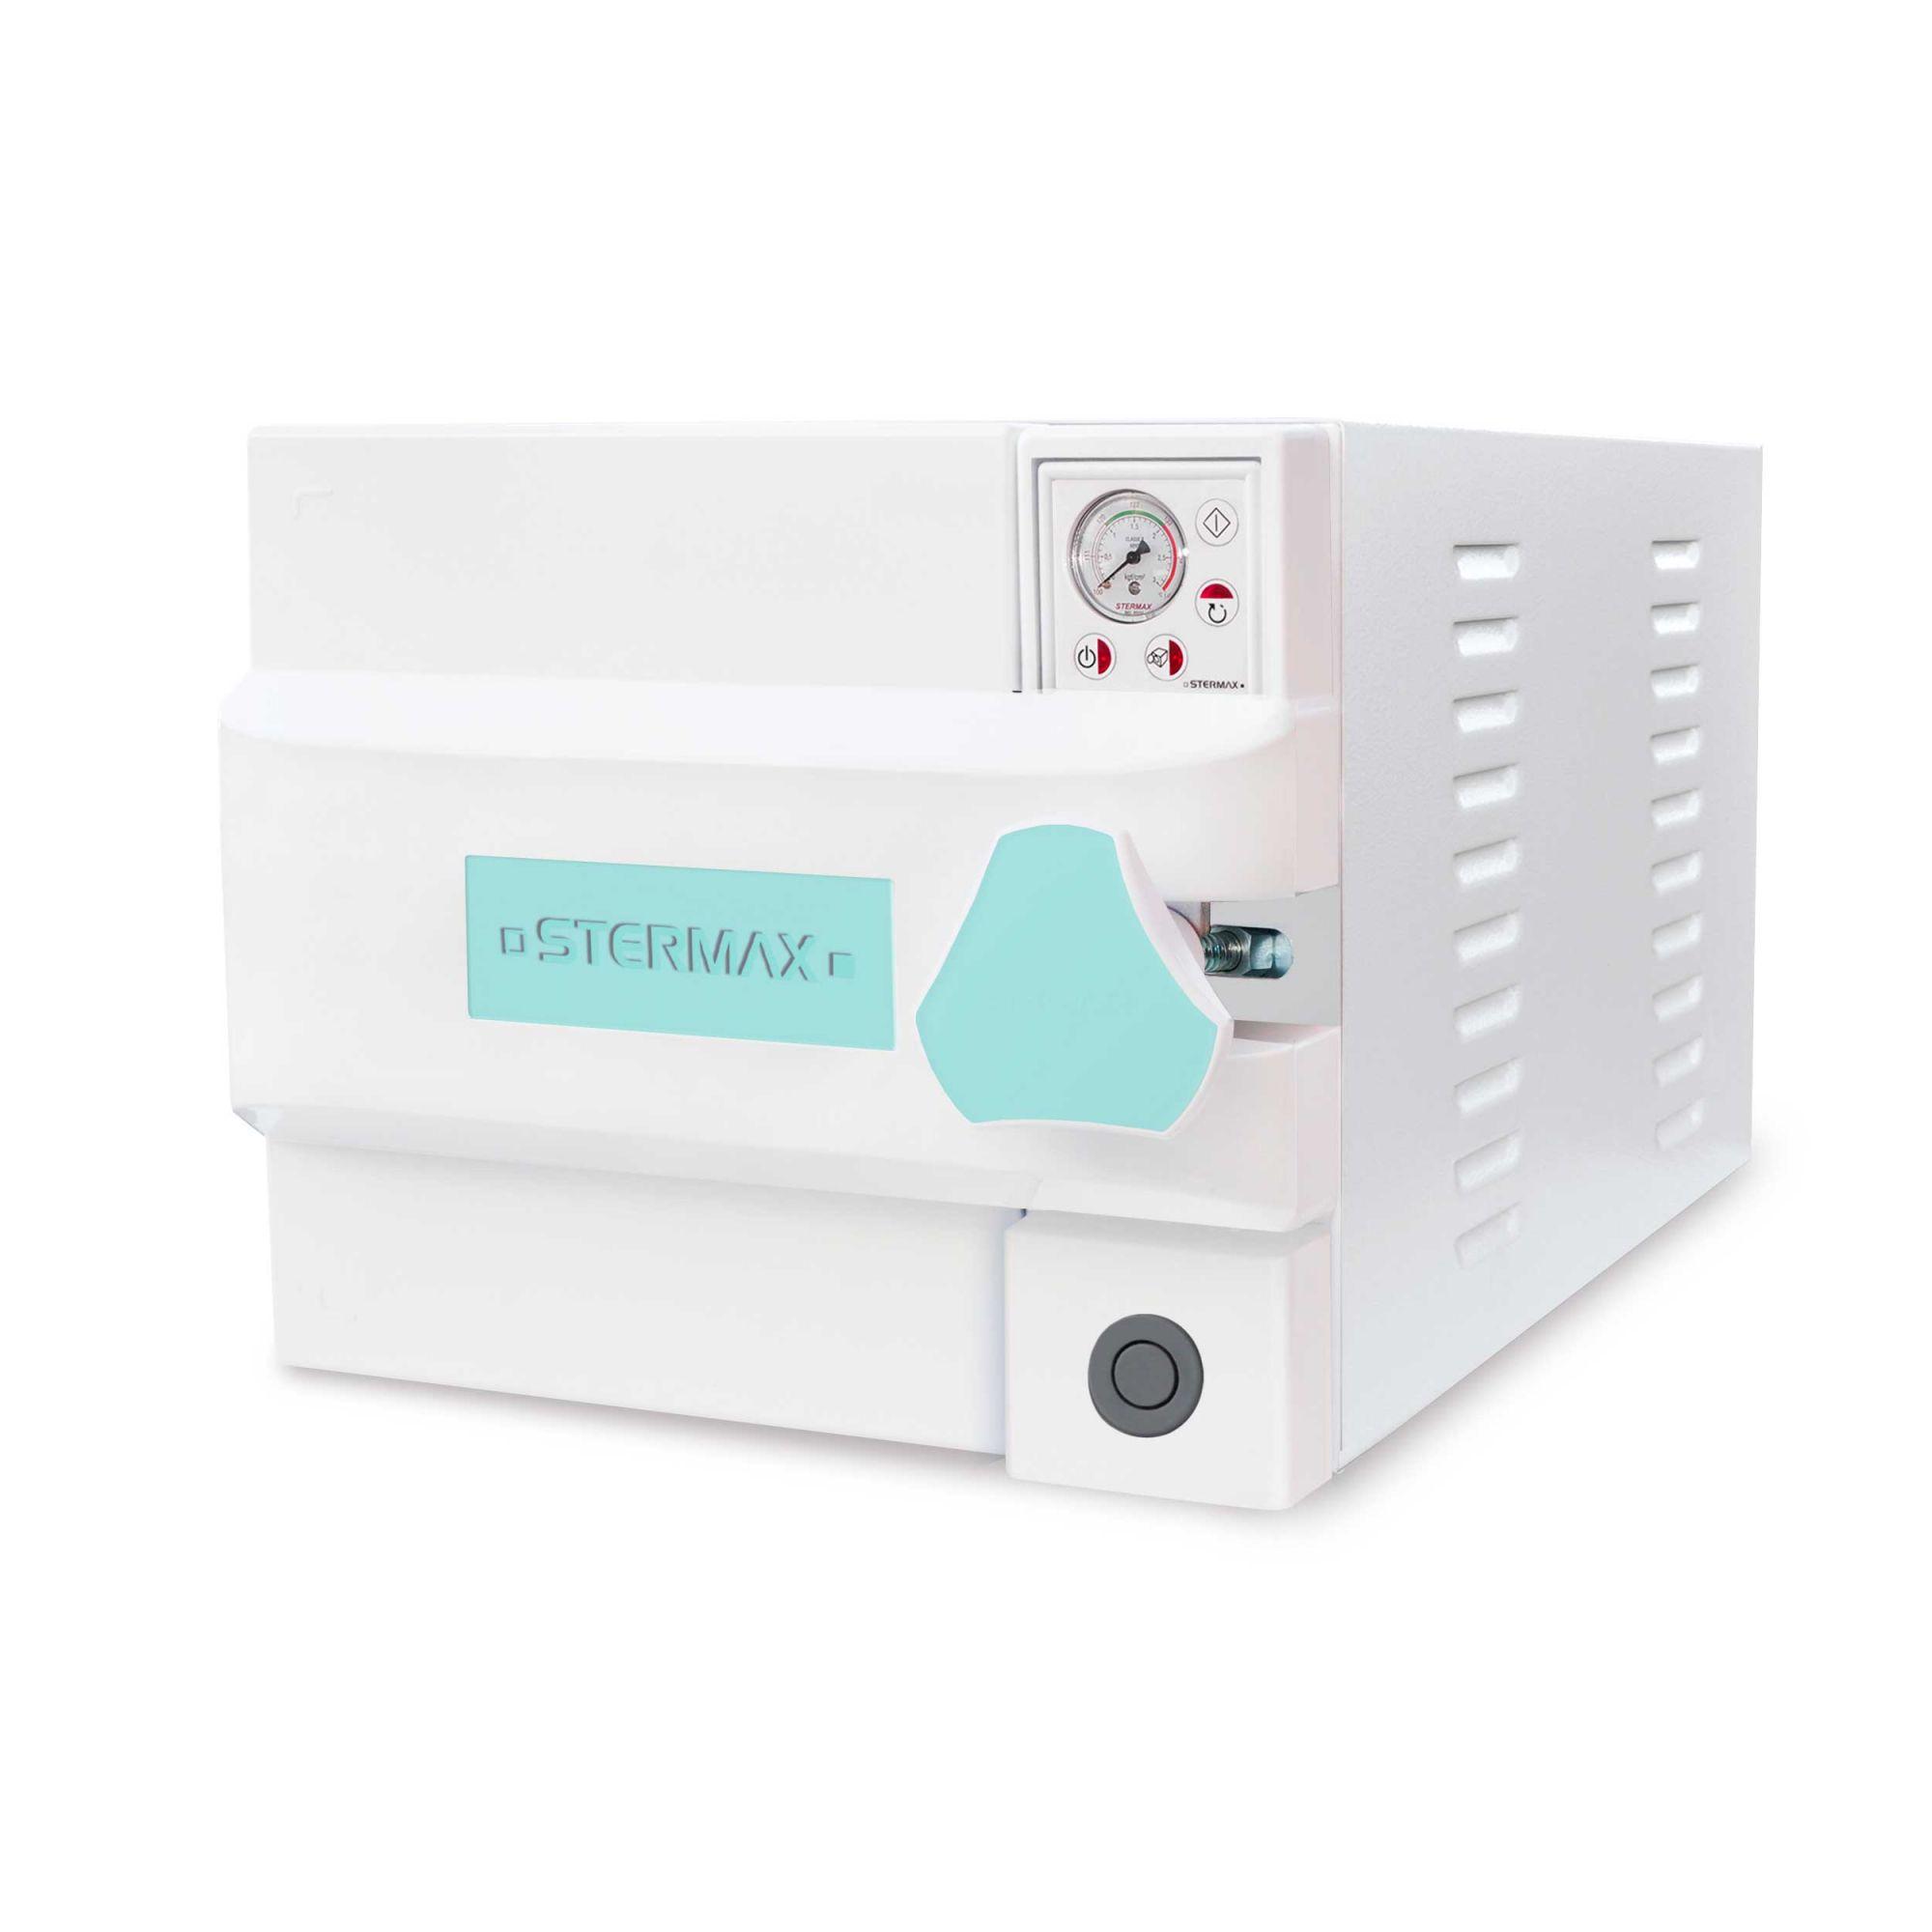 Autoclave Box Analógica 21 Litros com ciclo confinado (botão de despressurização) - Stermax